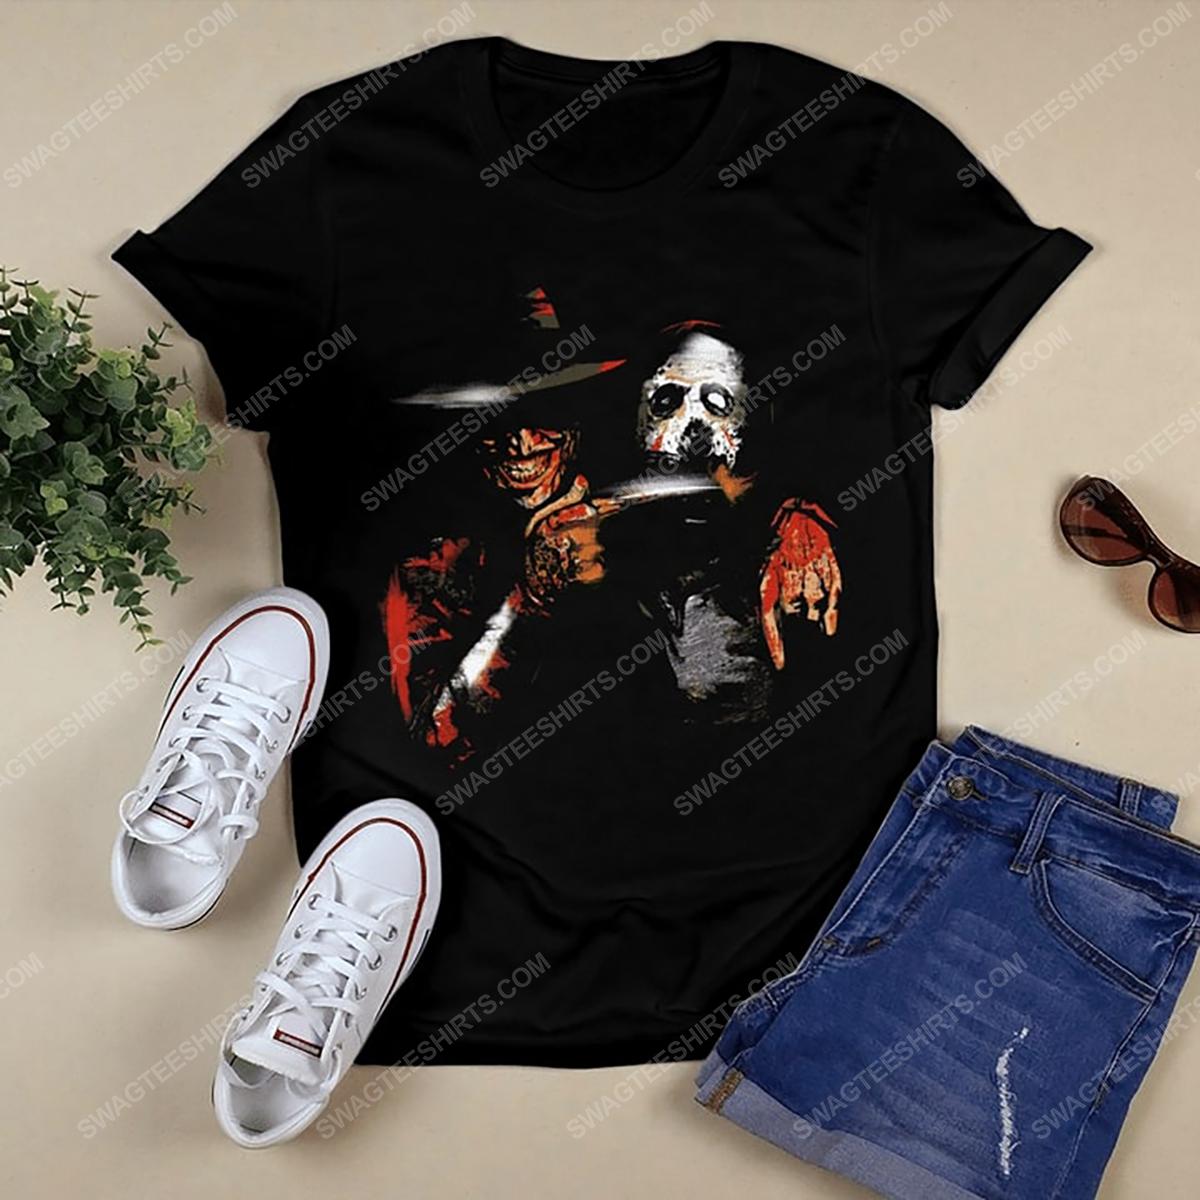 Halloween movie jason voorhees and freddy krueger tshirt 1